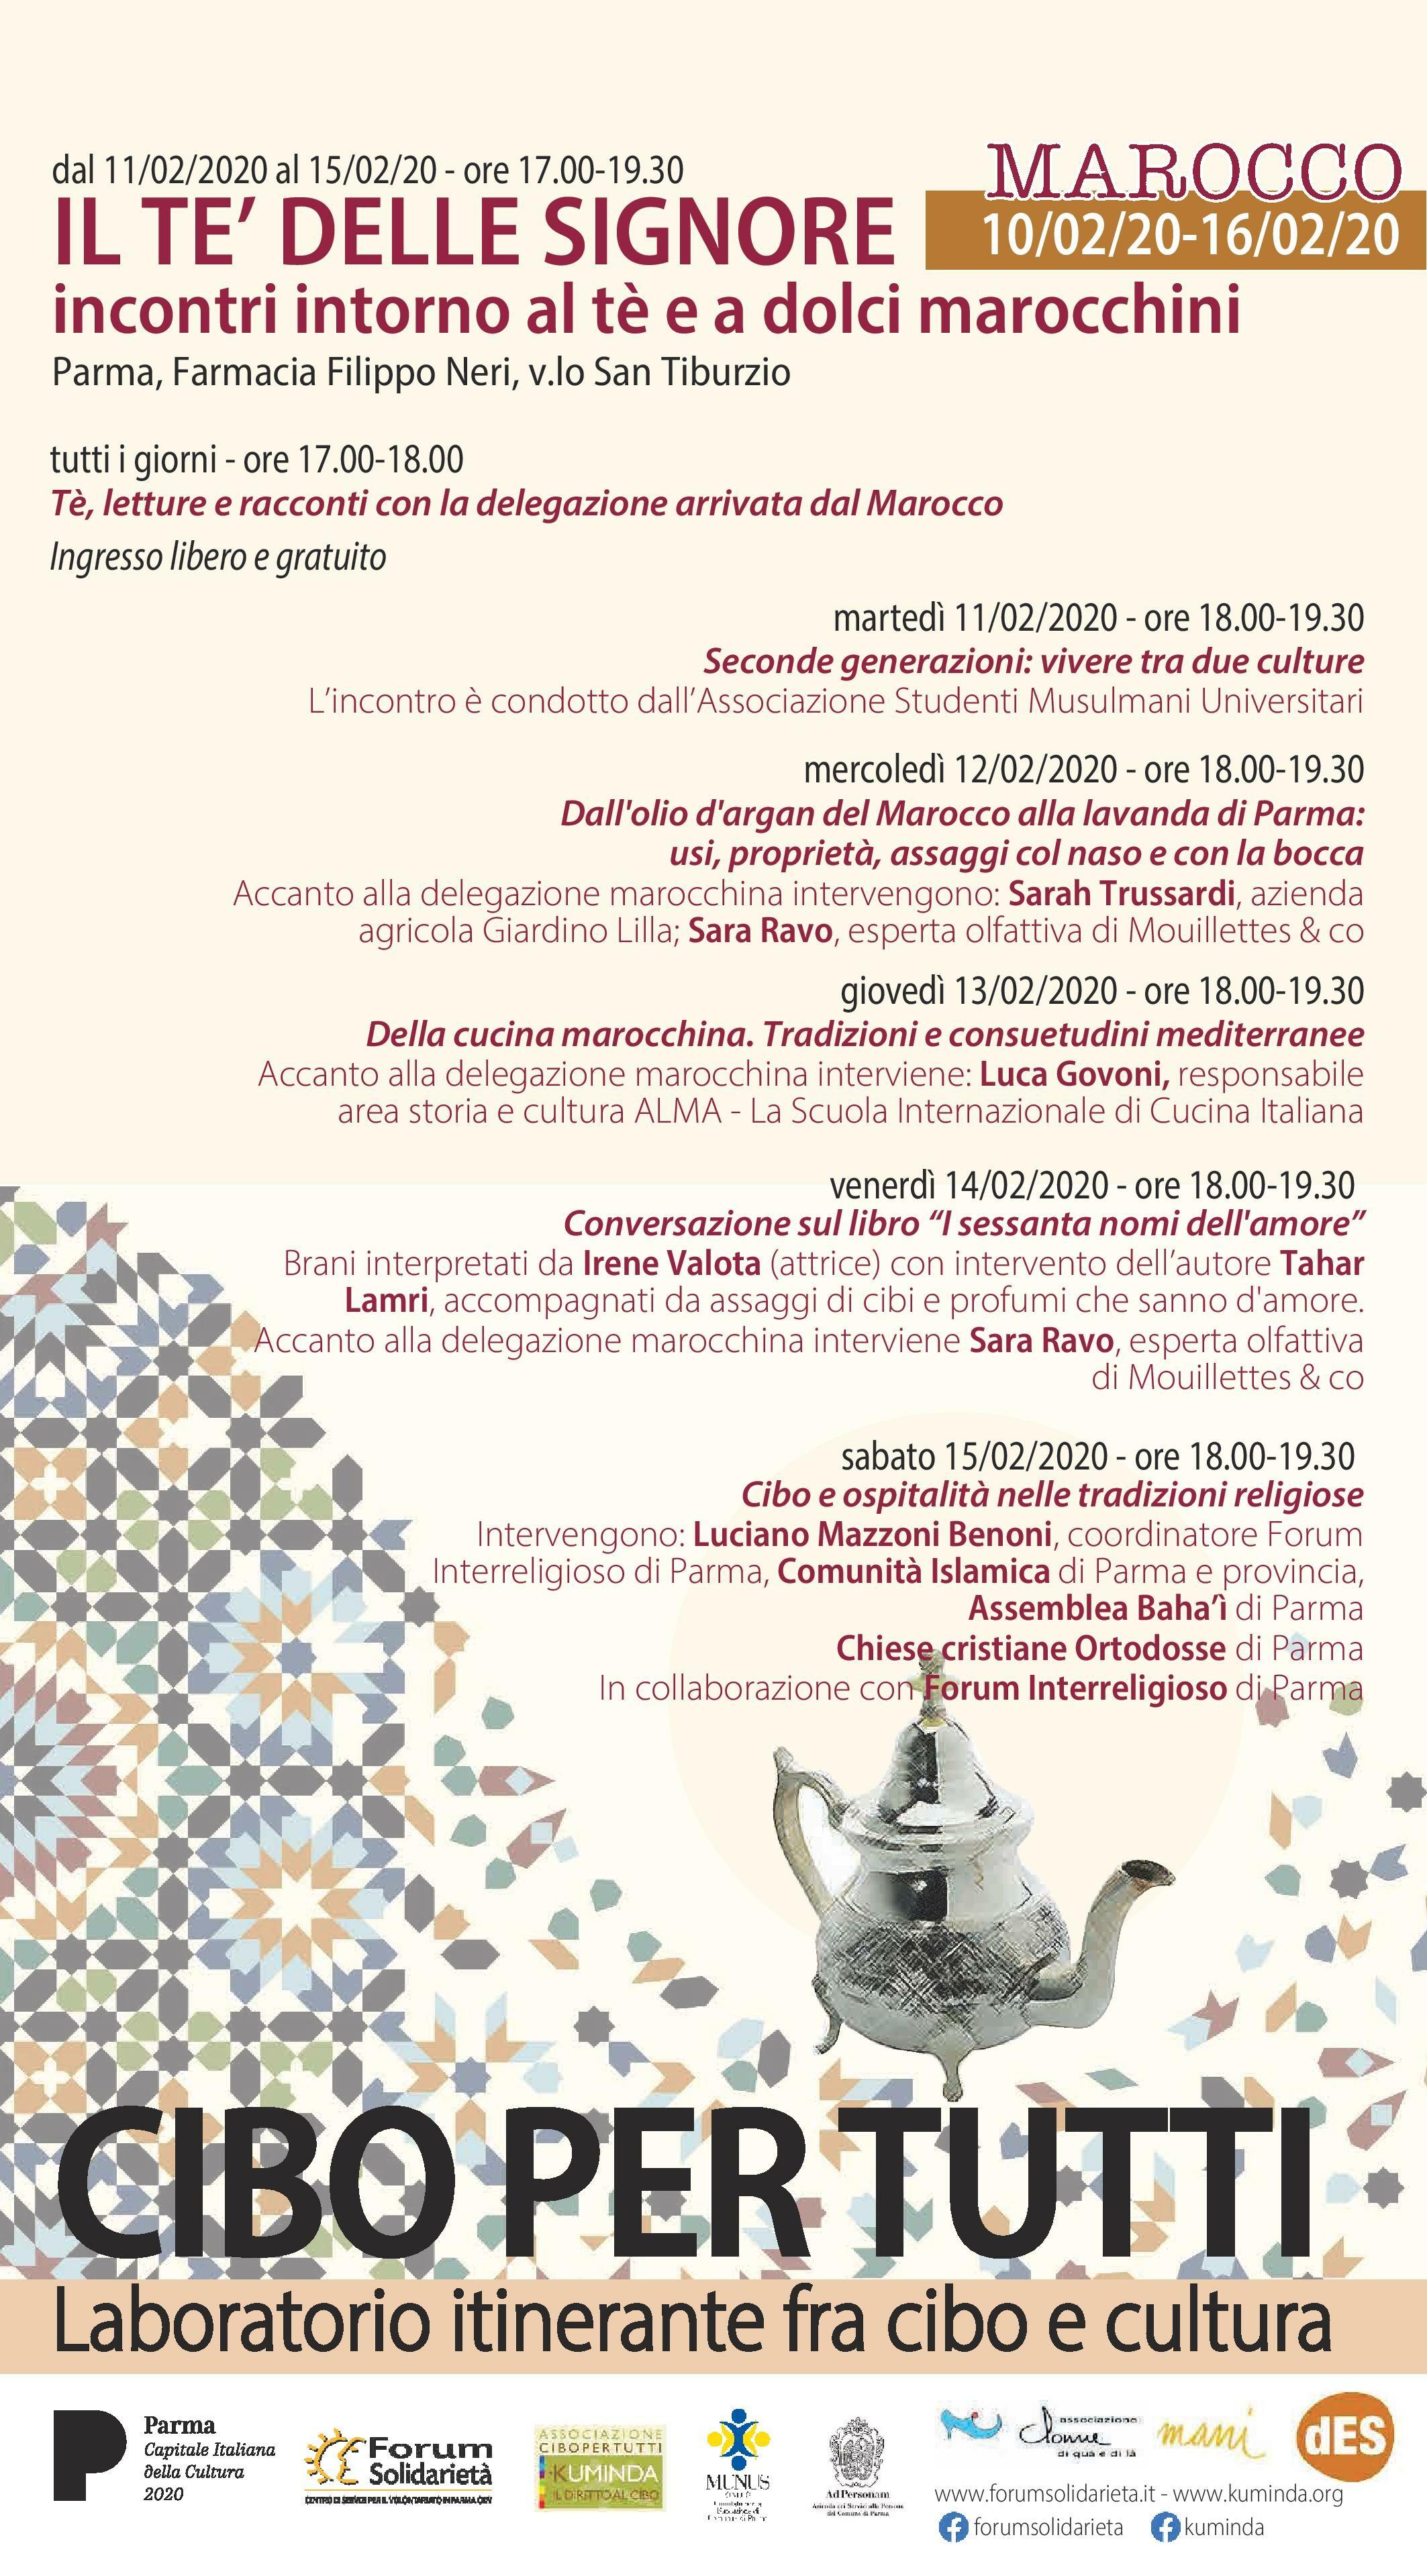 Laboratori itineranti fra cibo e cultura   Dal 10 al 16 febbraio il ponte fra Parma, capitale della cultura e Marocco